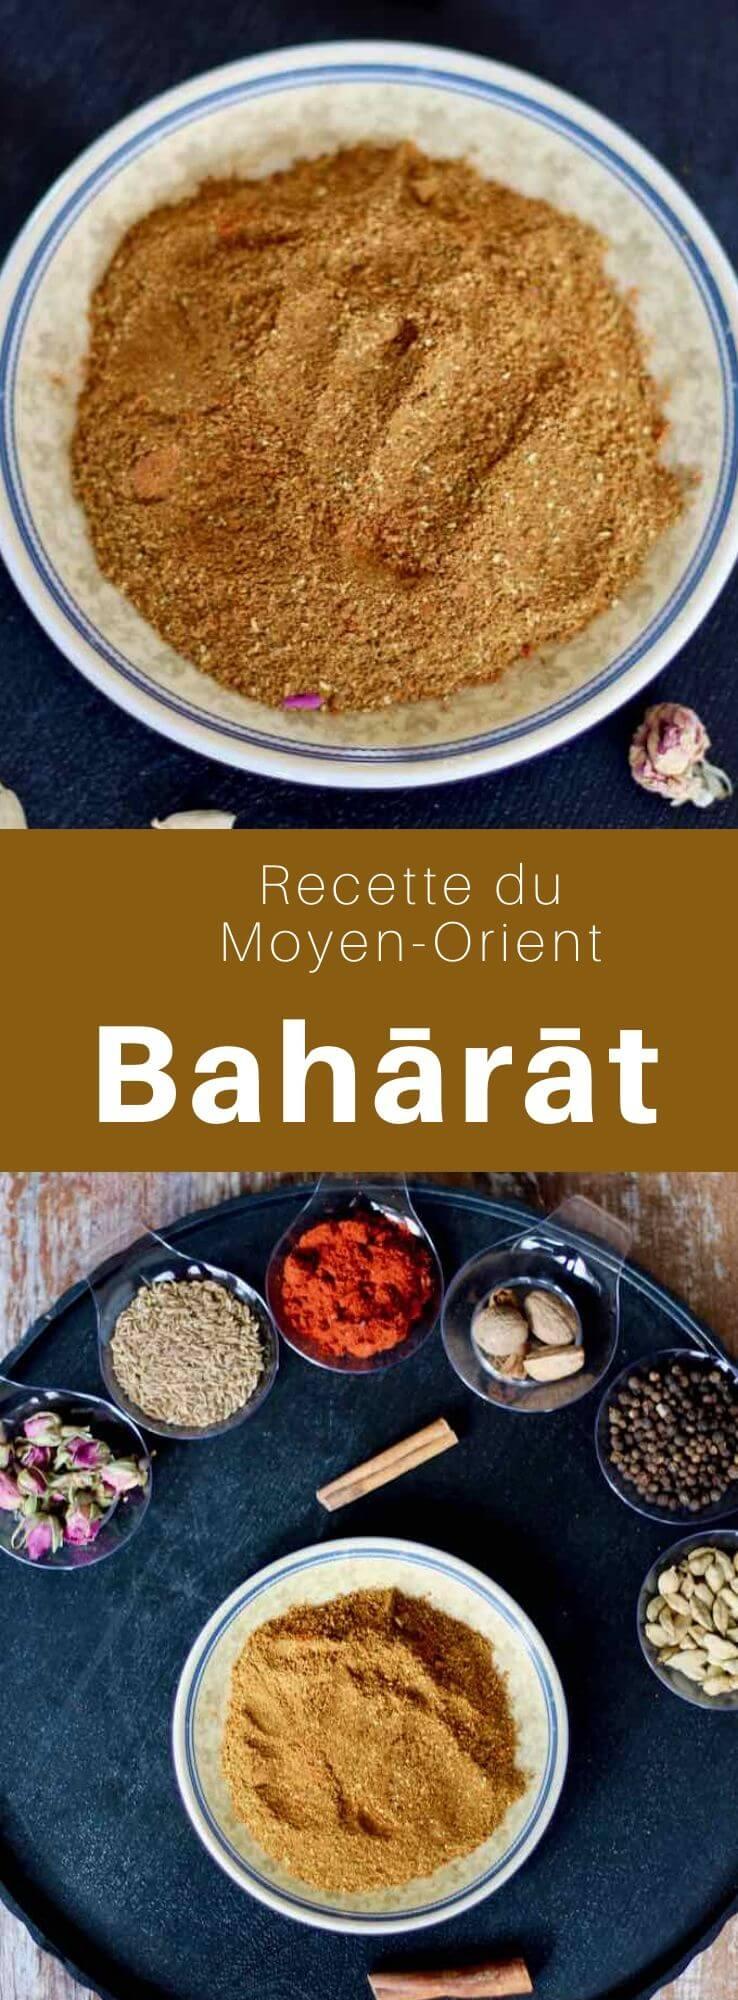 Le bahārāt est un mélange d'épices composé de poivre, cumin, coriandre, clou de girofle, cannelle, safran, cardamome, paprika, muscade et lime noire. #CuisineDuMoyenOrient #MoyenOrient #CuisineDuMonde #196flavors